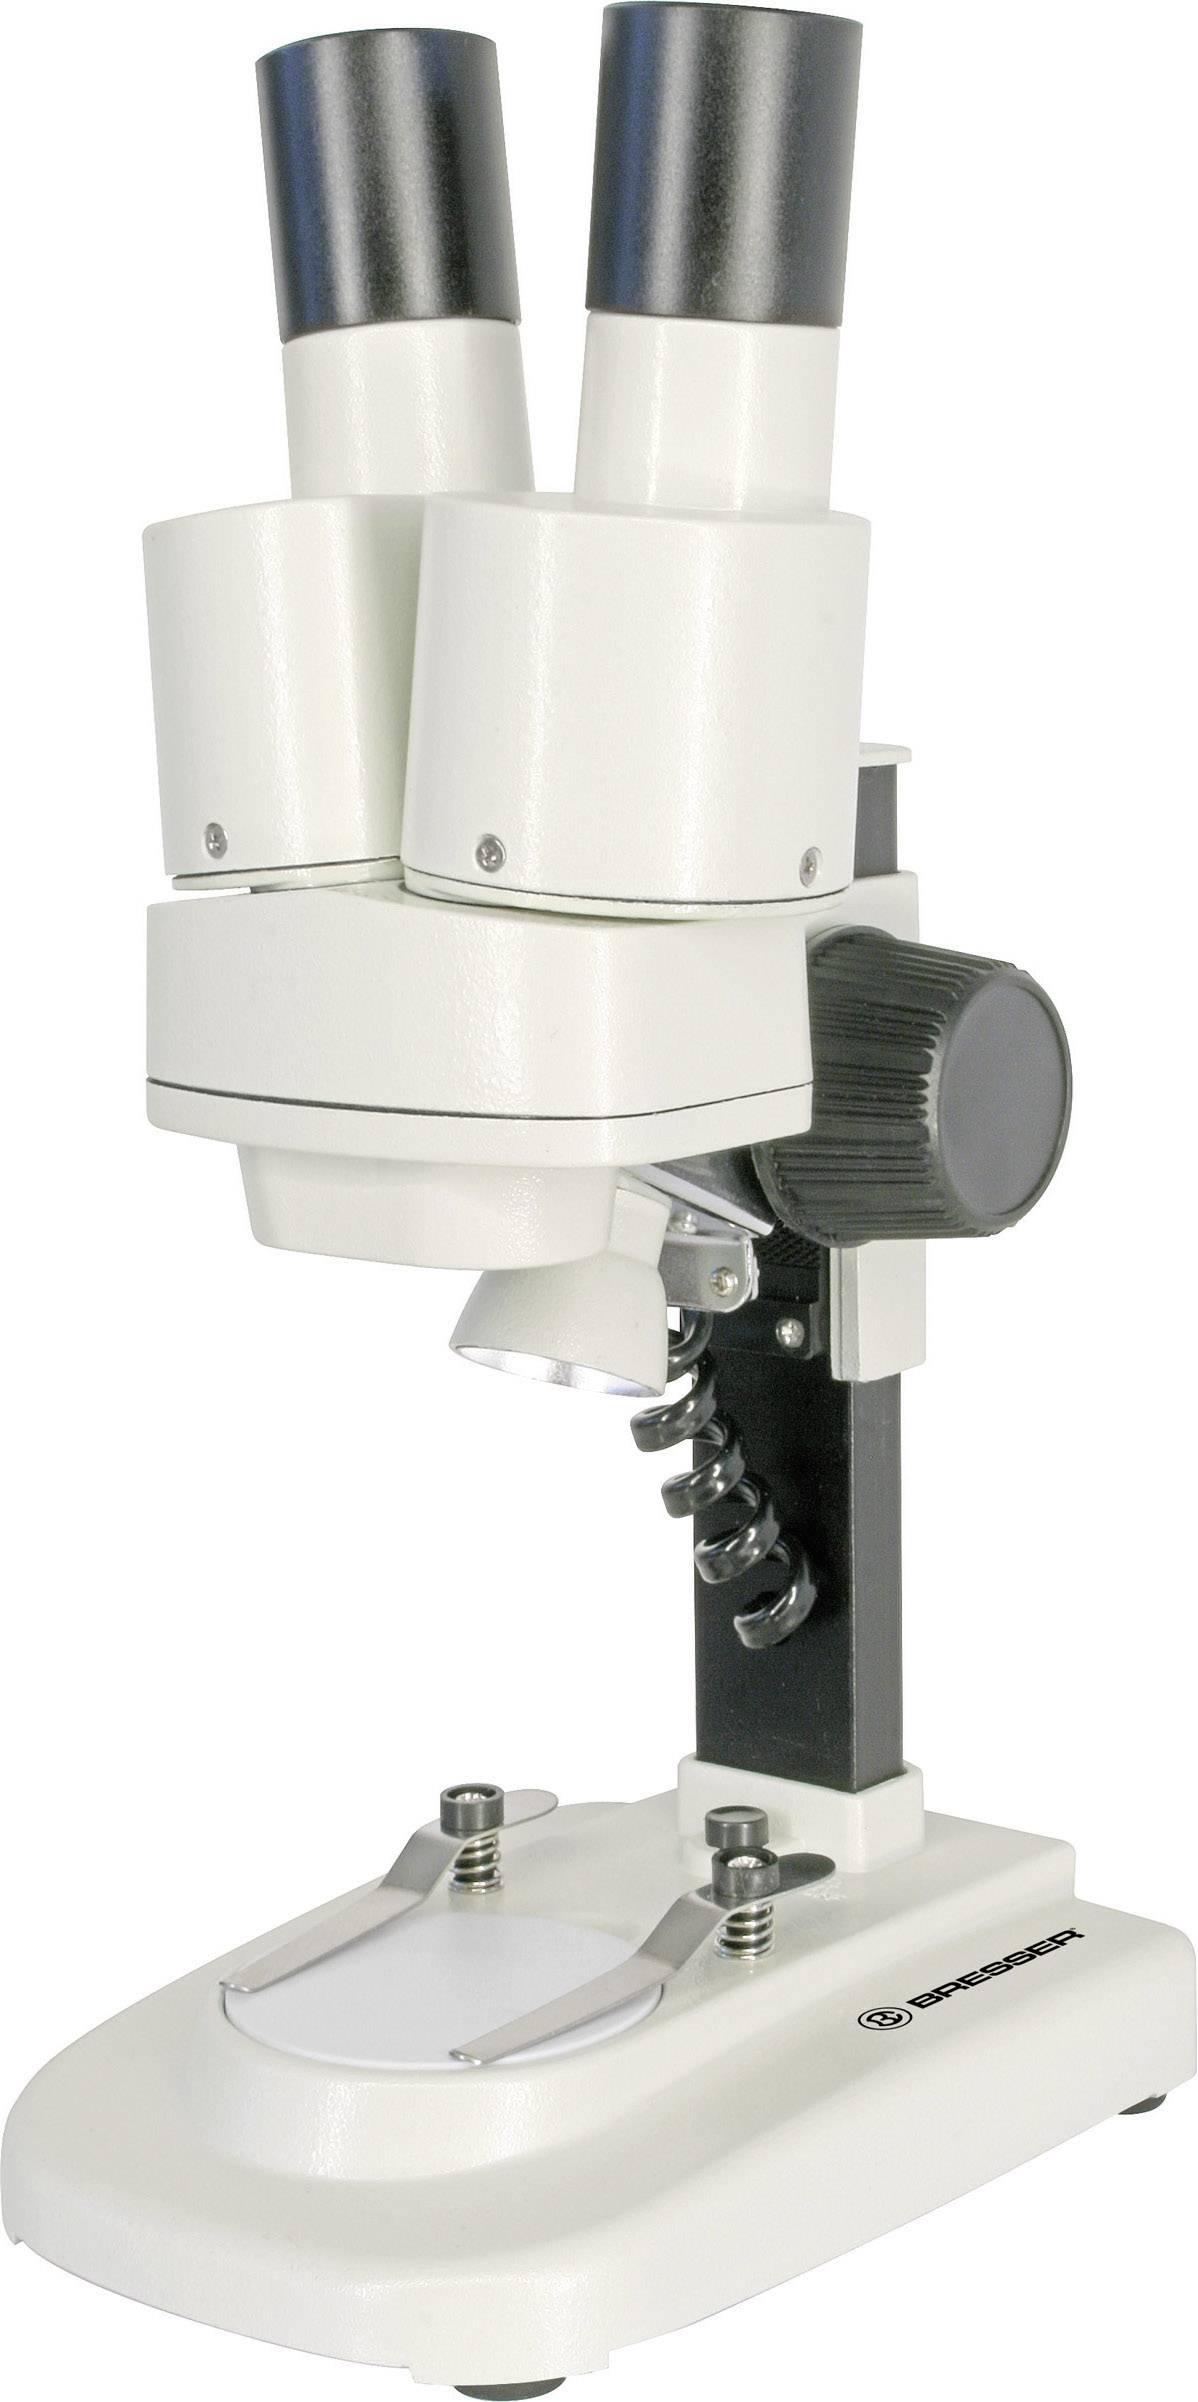 Mikroskop s osvětlením Bresser Junior, zvětšení 20x